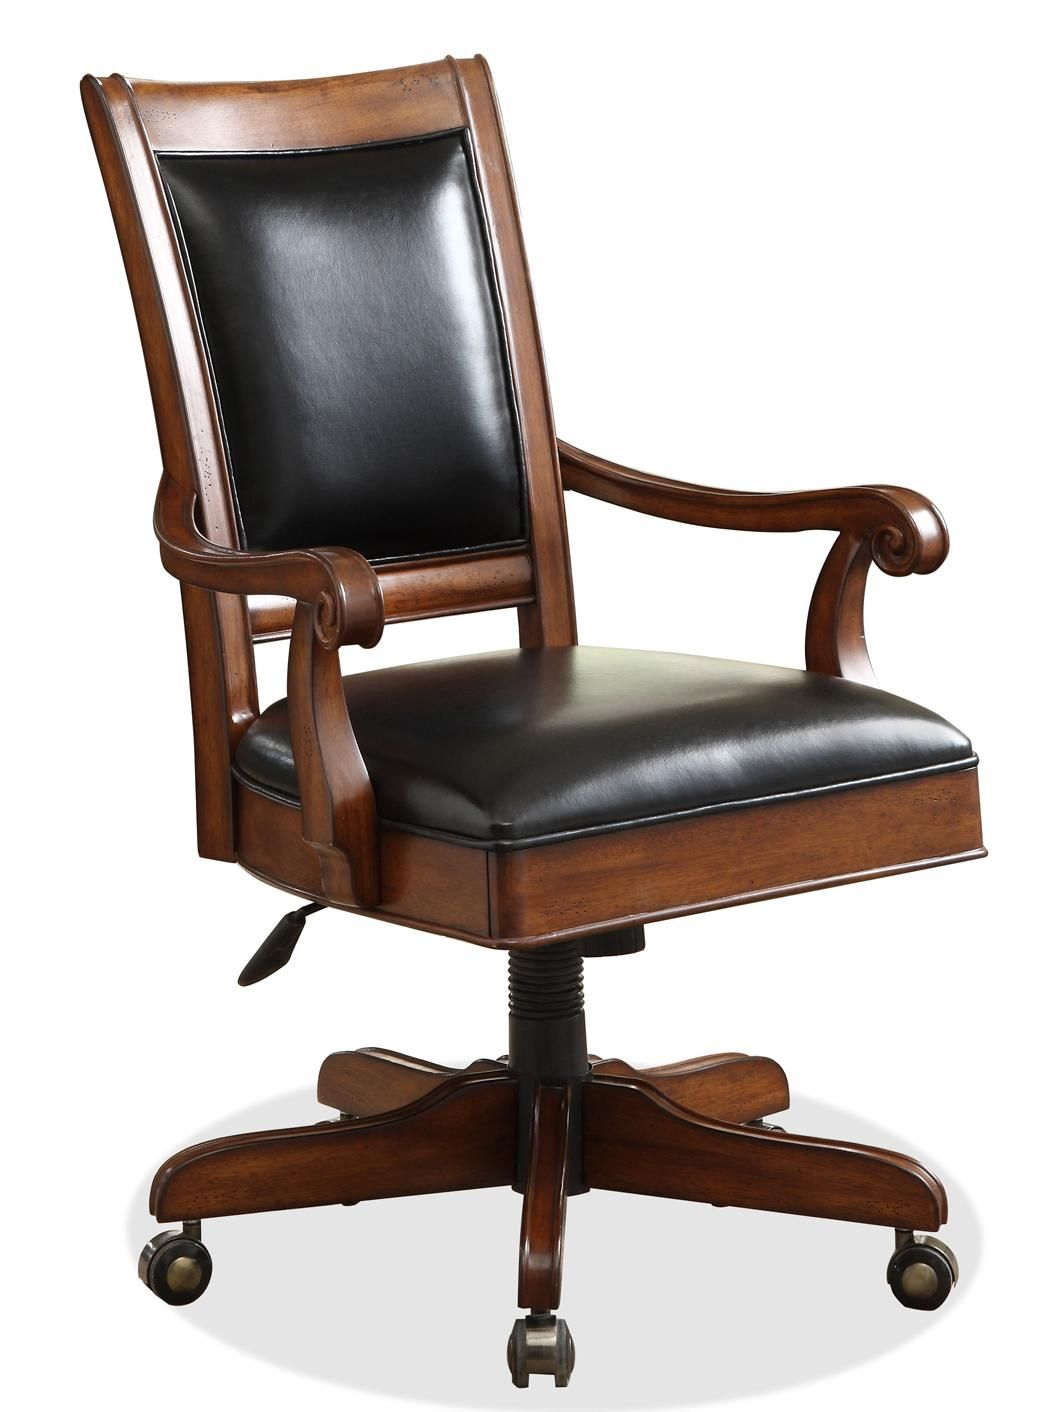 Bristol court desk chair by riverside furniture